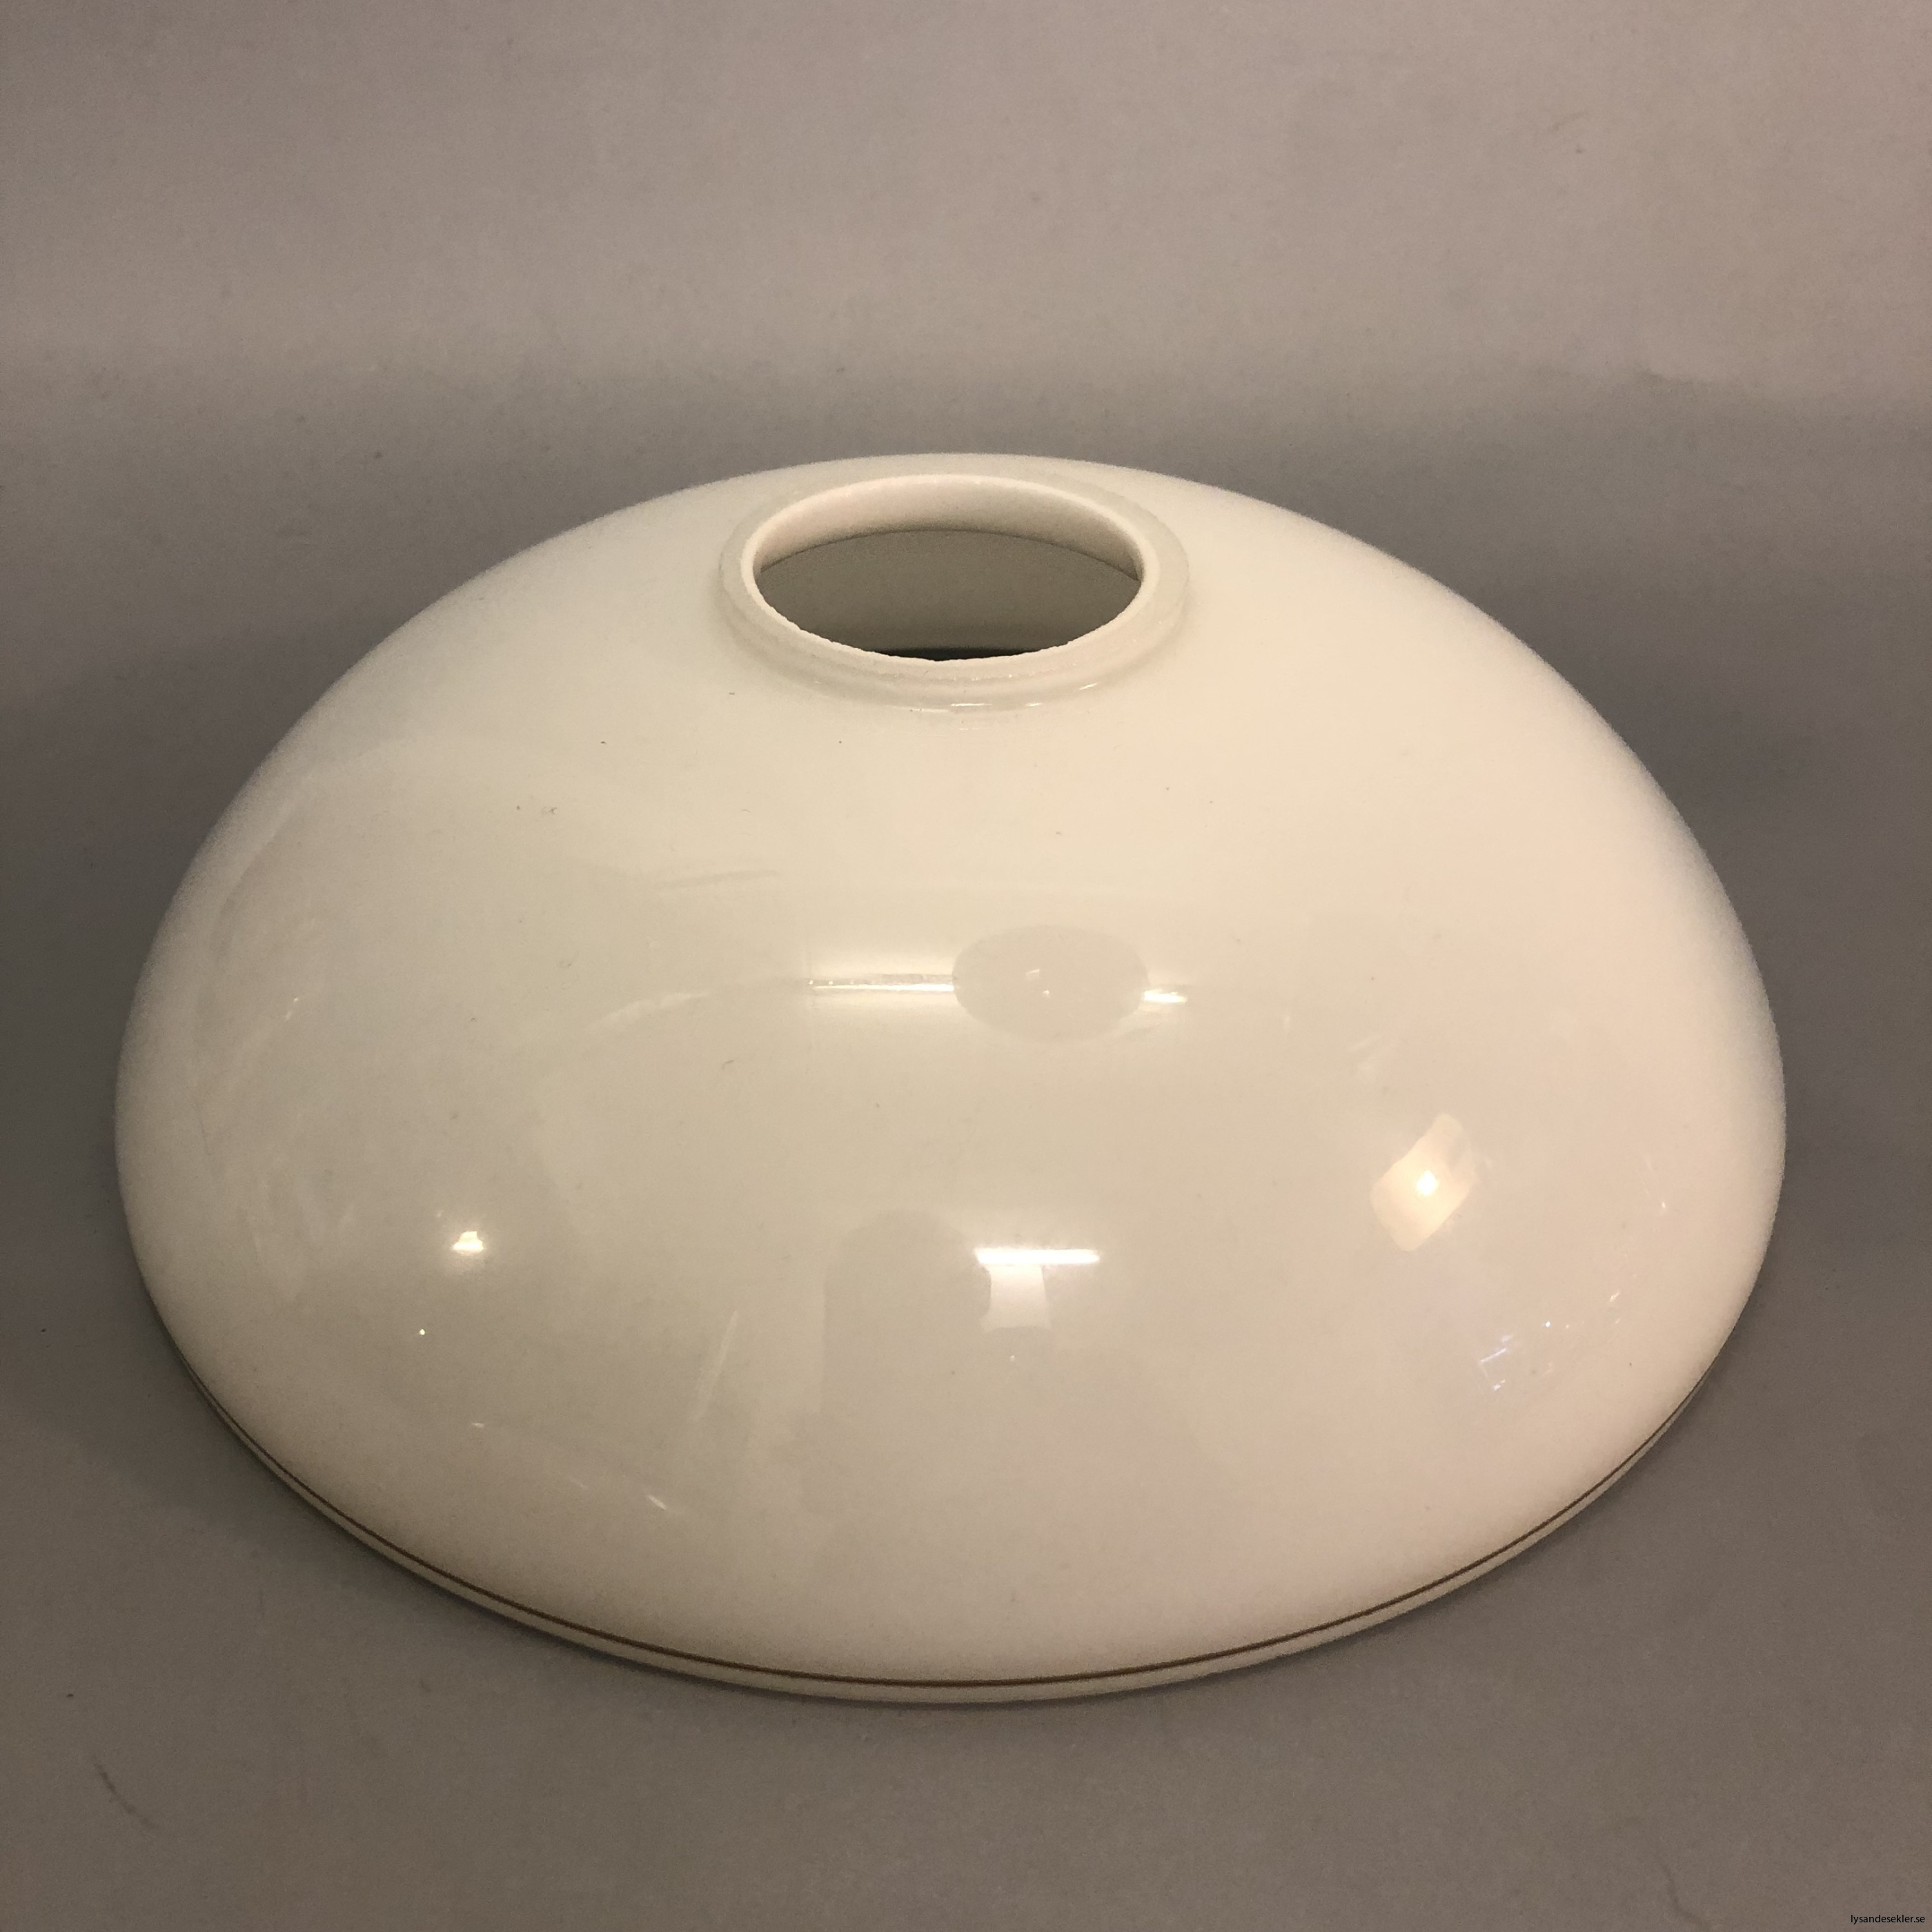 flat lampskärm med hål tallriksmodell för bl.a takarmaturer8